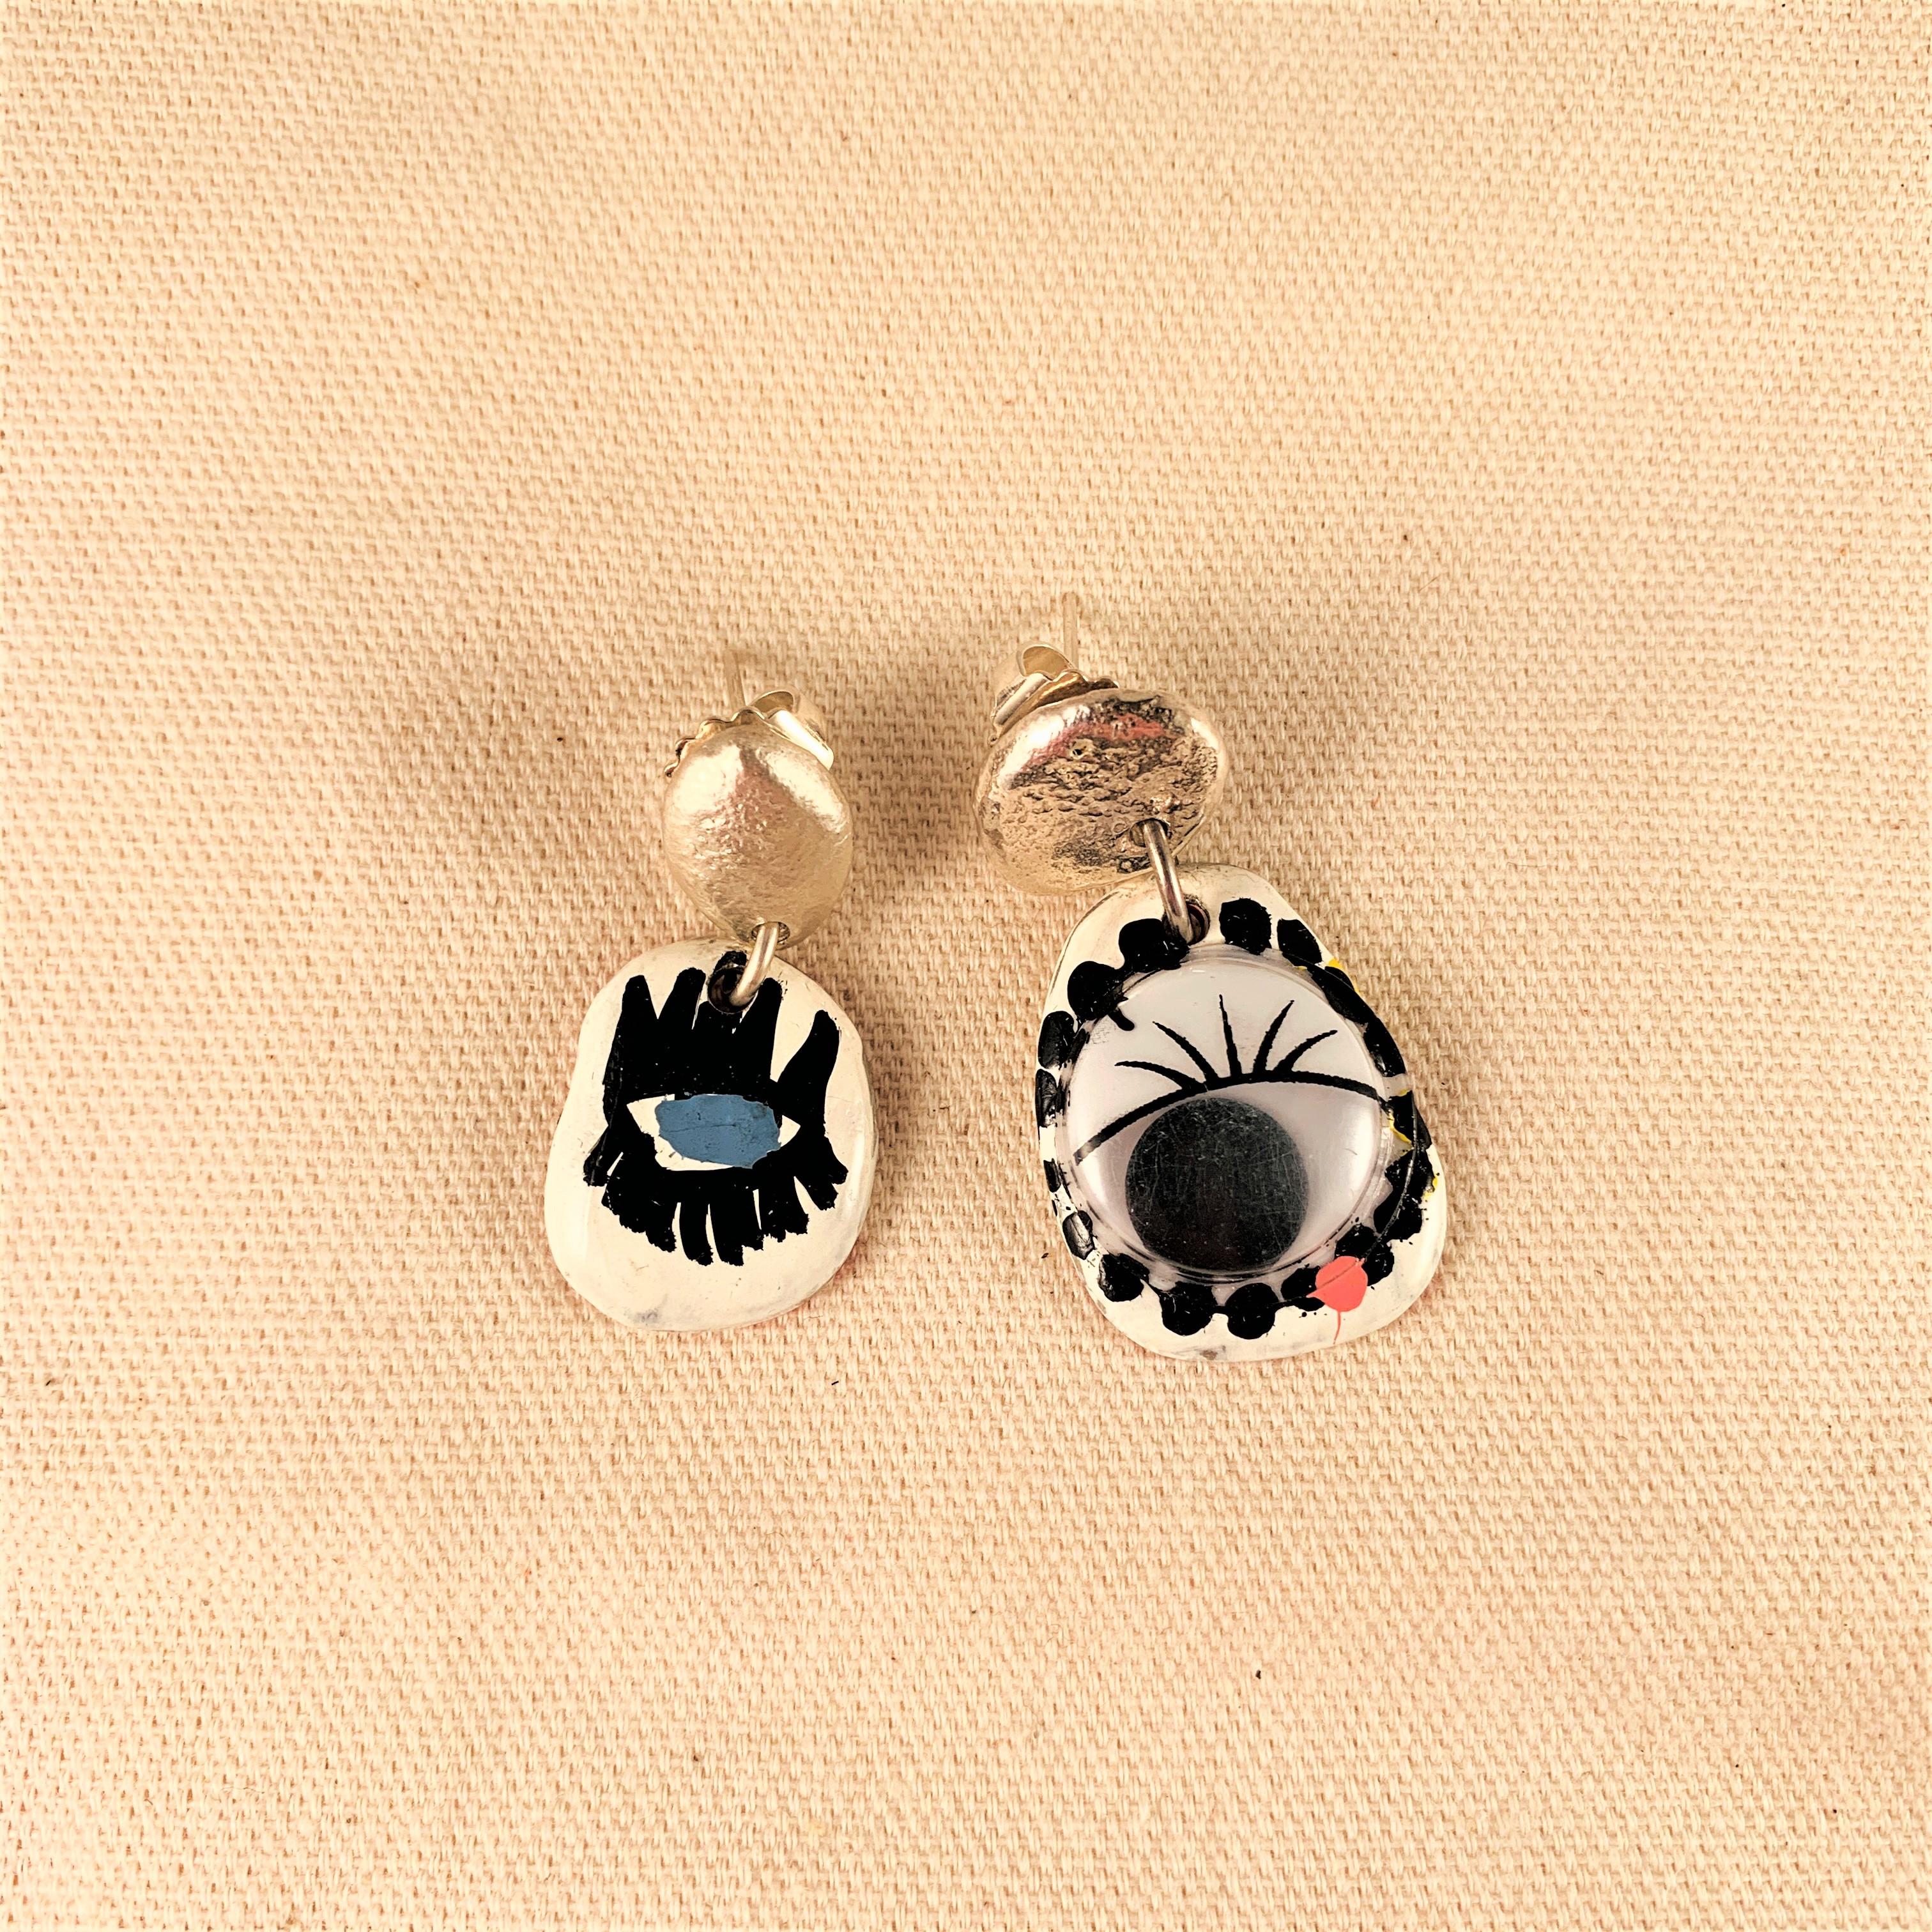 Anna Watson - Puppet Eye Earrings